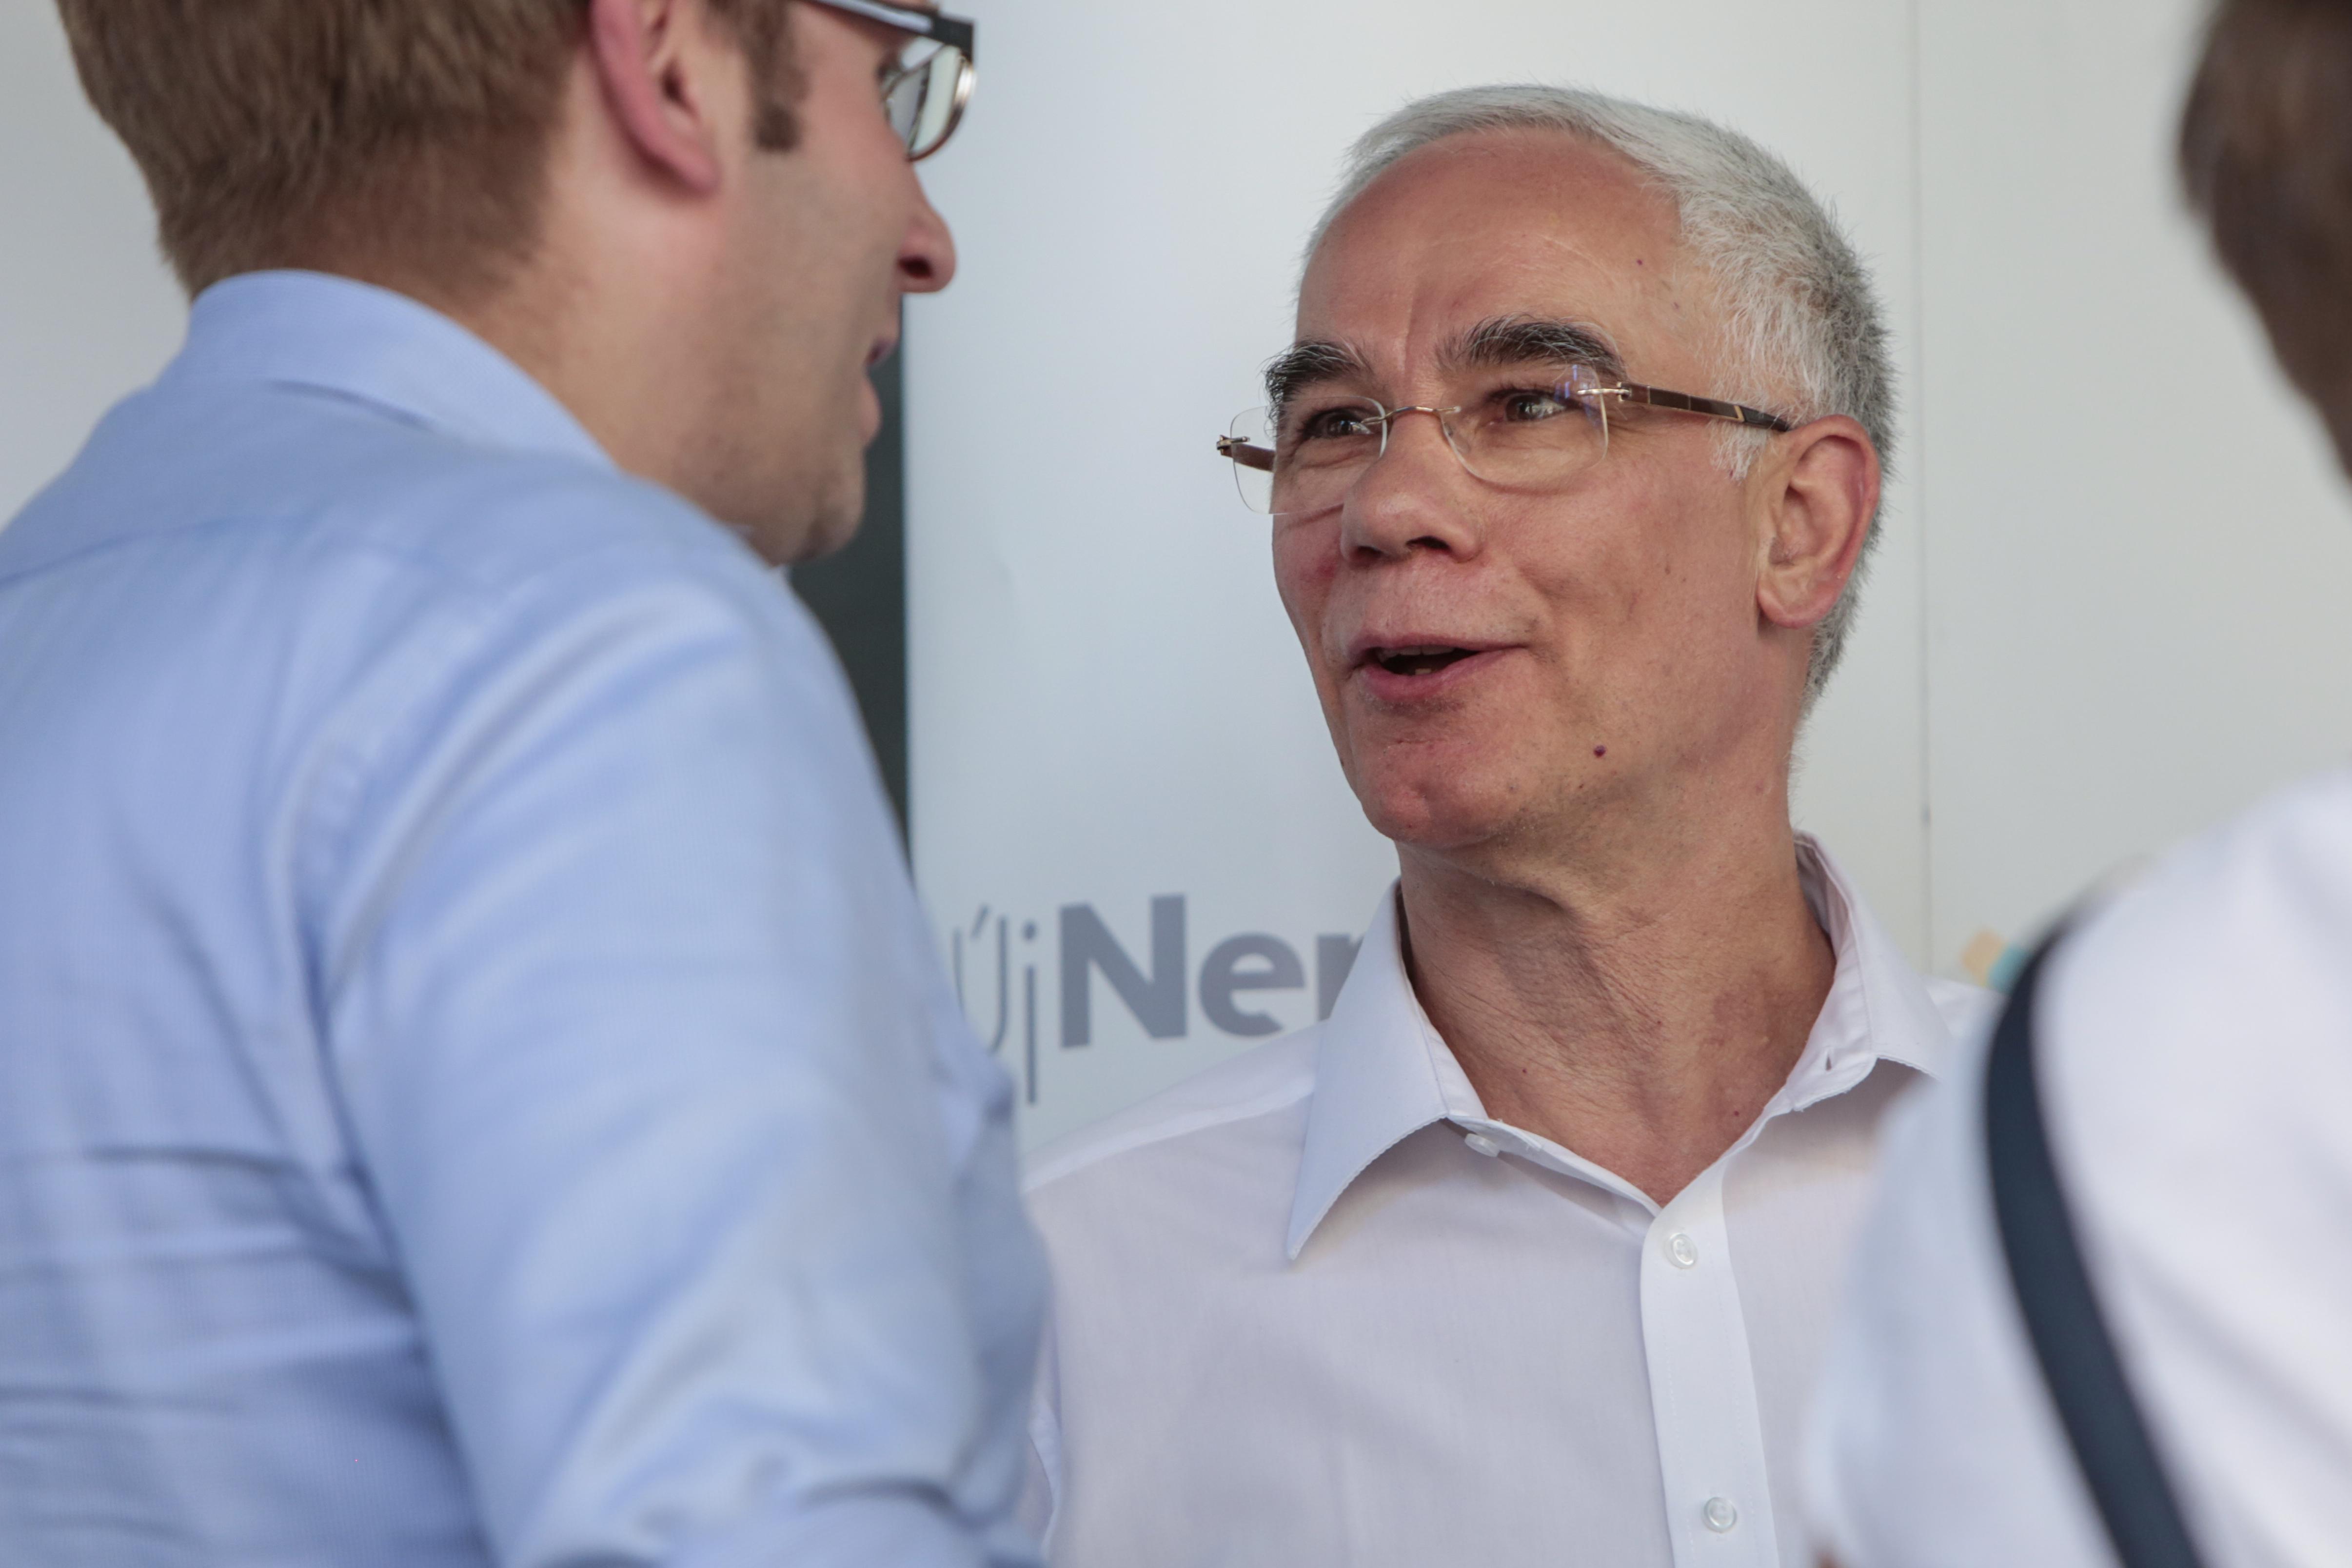 Balog Zoltán, az emberi erőforrások minisztere Tusnádfürdőn